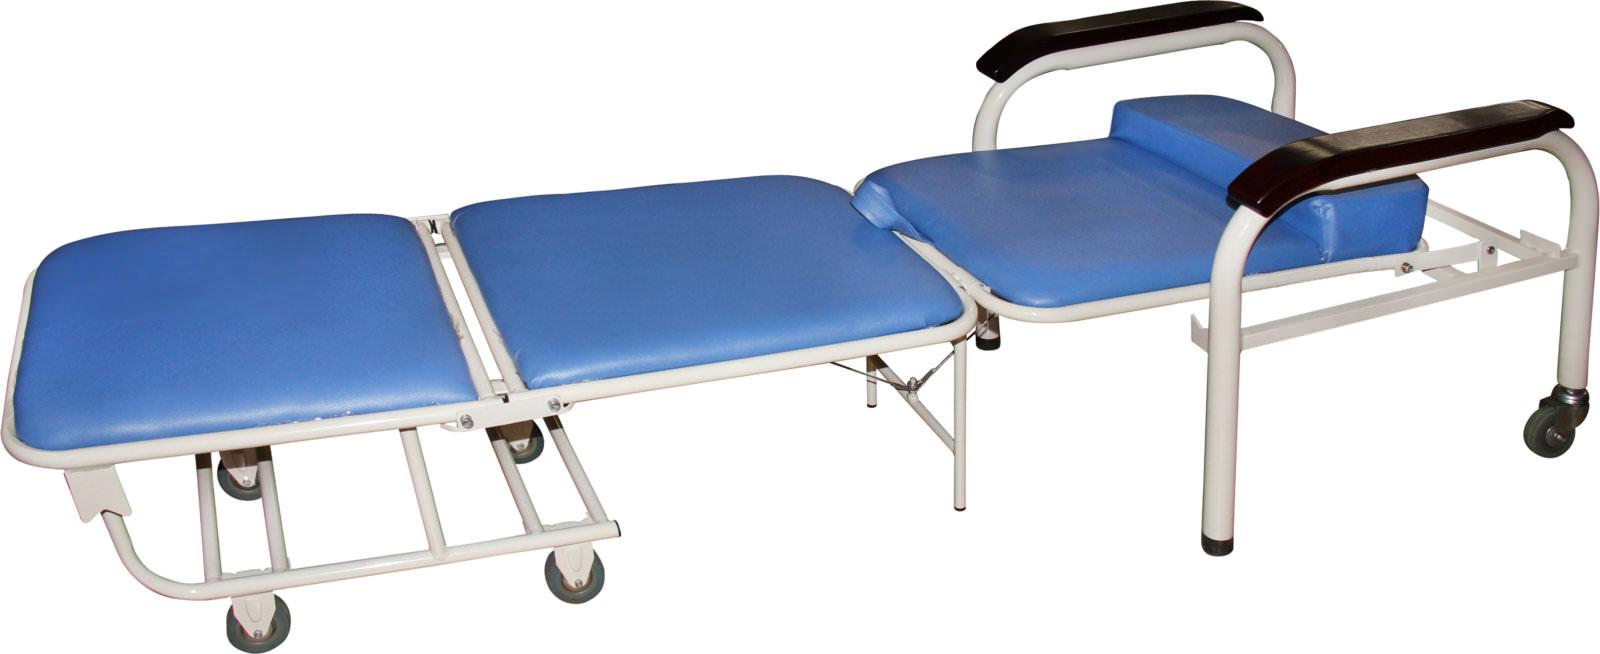 Раскладное кресло-кровать для пациента SH-W301, фото 2